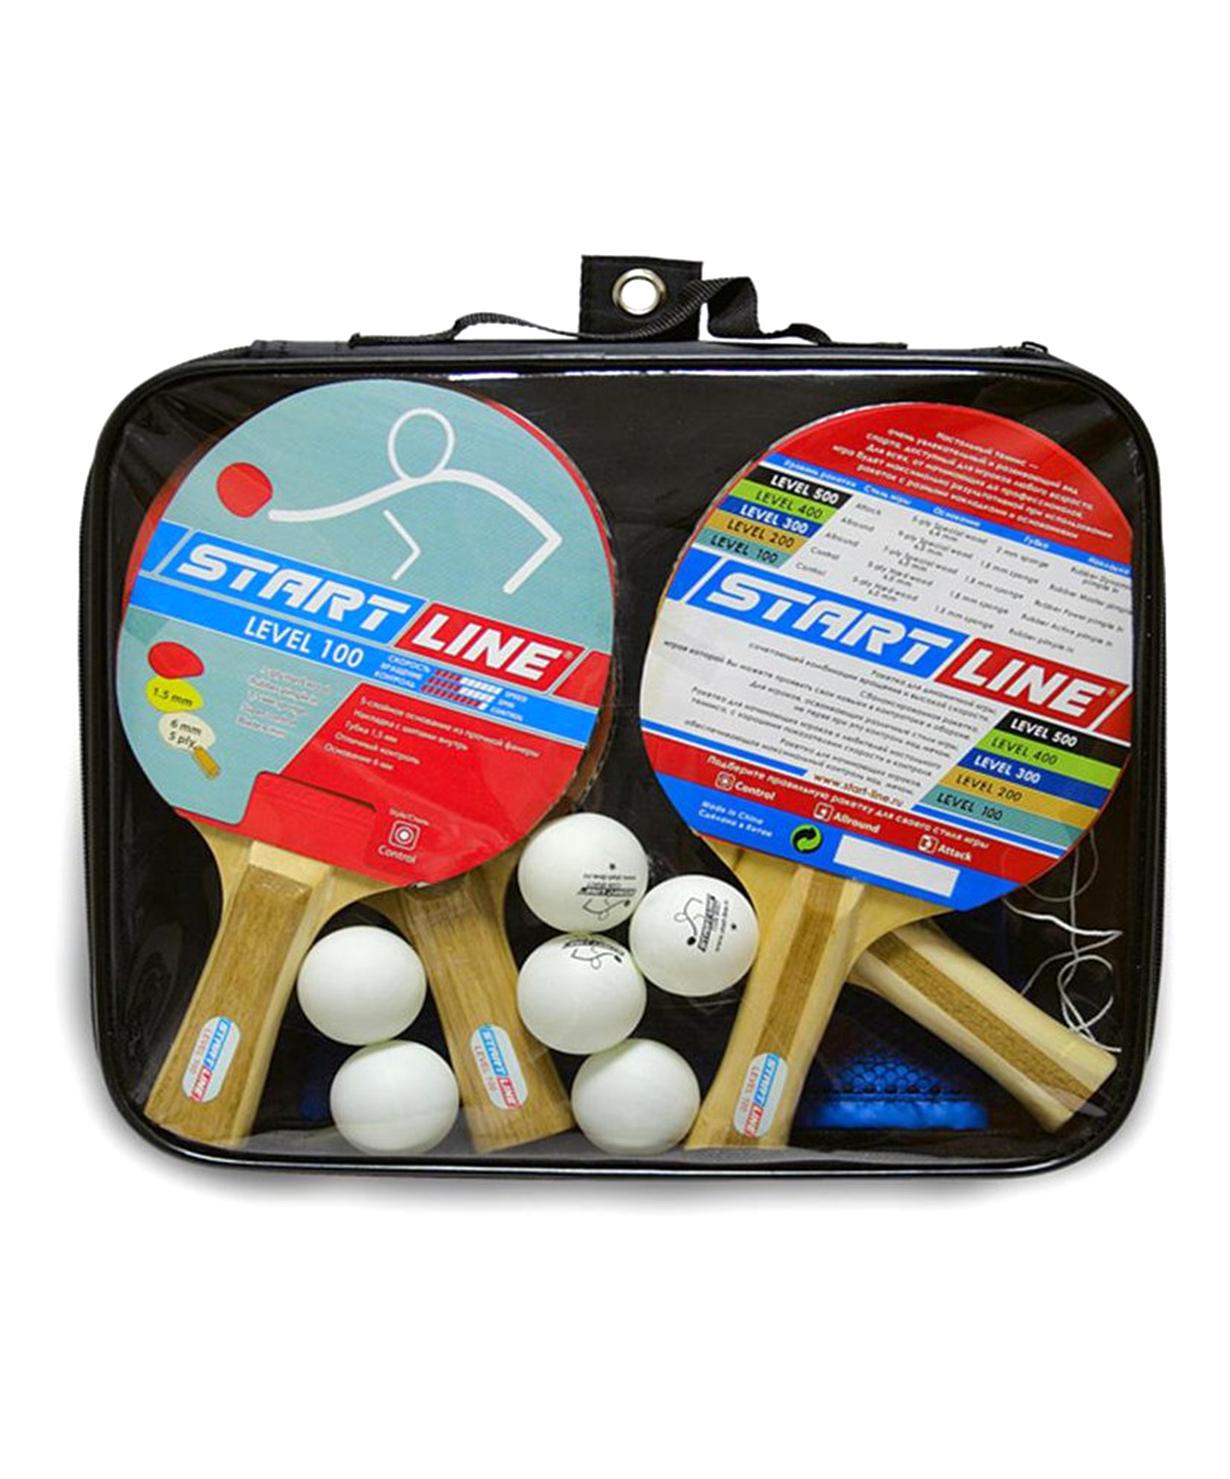 Набор для настольного тенниса Level 100, 4 ракетки, 6 мячей и сумка